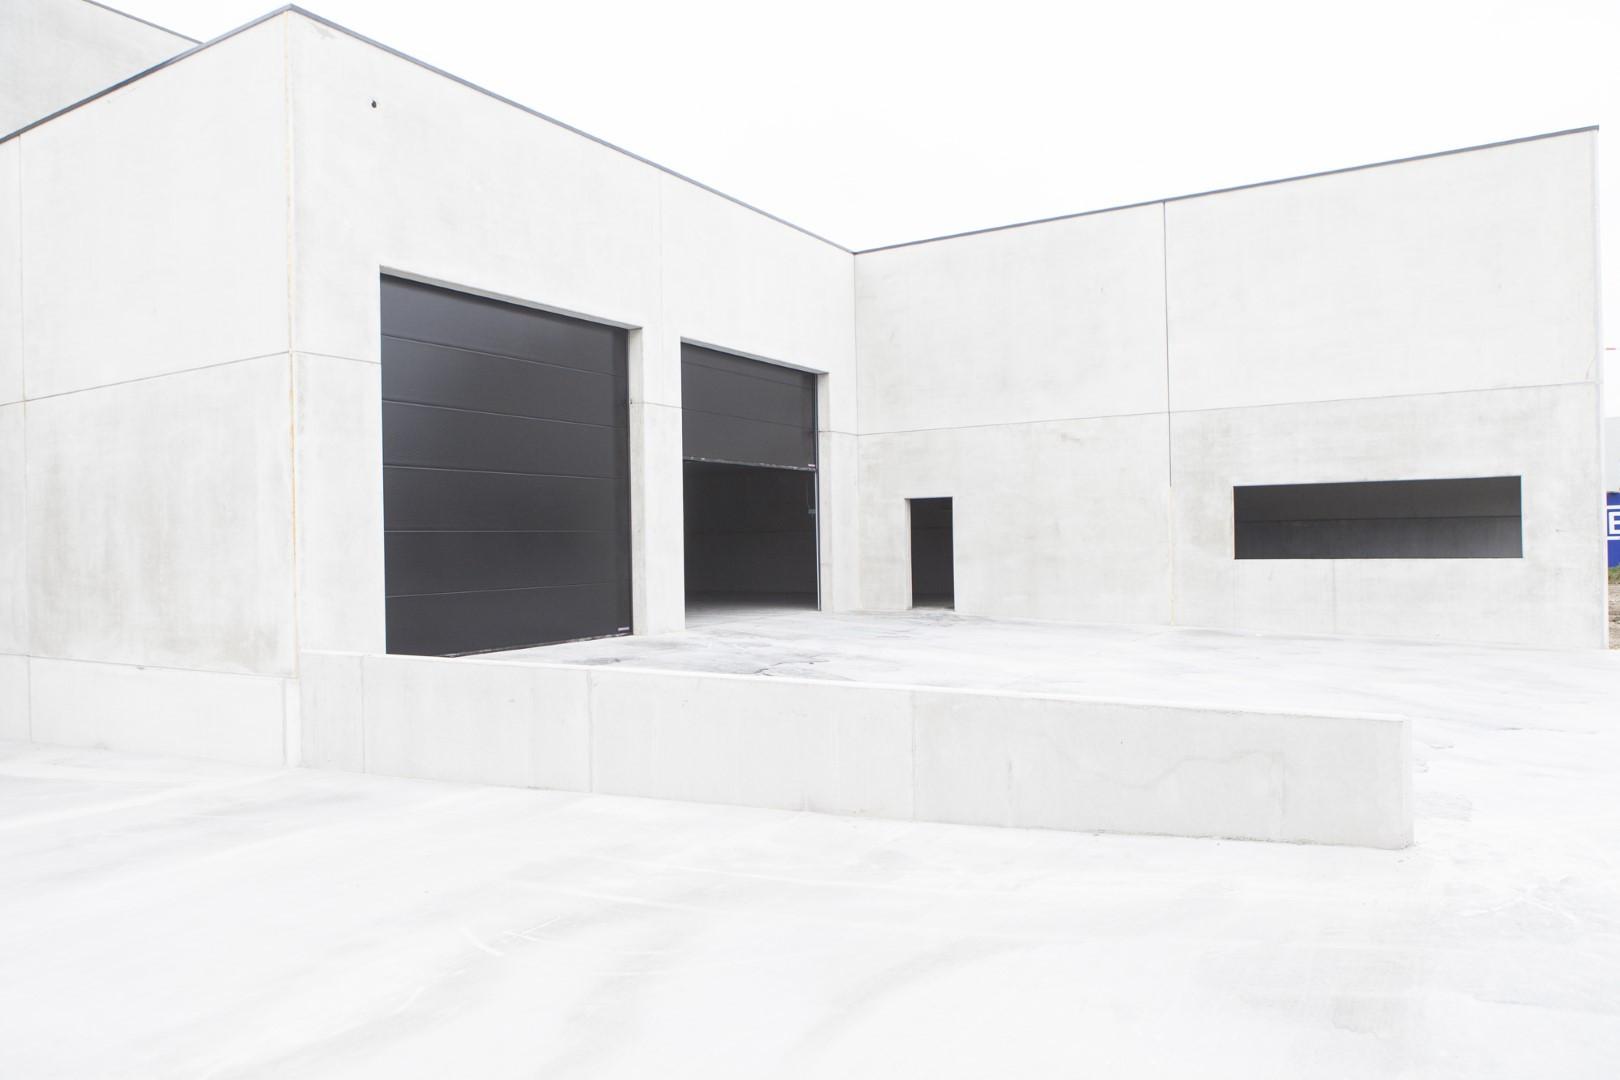 Altex_Sint Eloois Winkel_industriegebouw_werkplaats_atelier_toonzaal_burelen_woning (16)